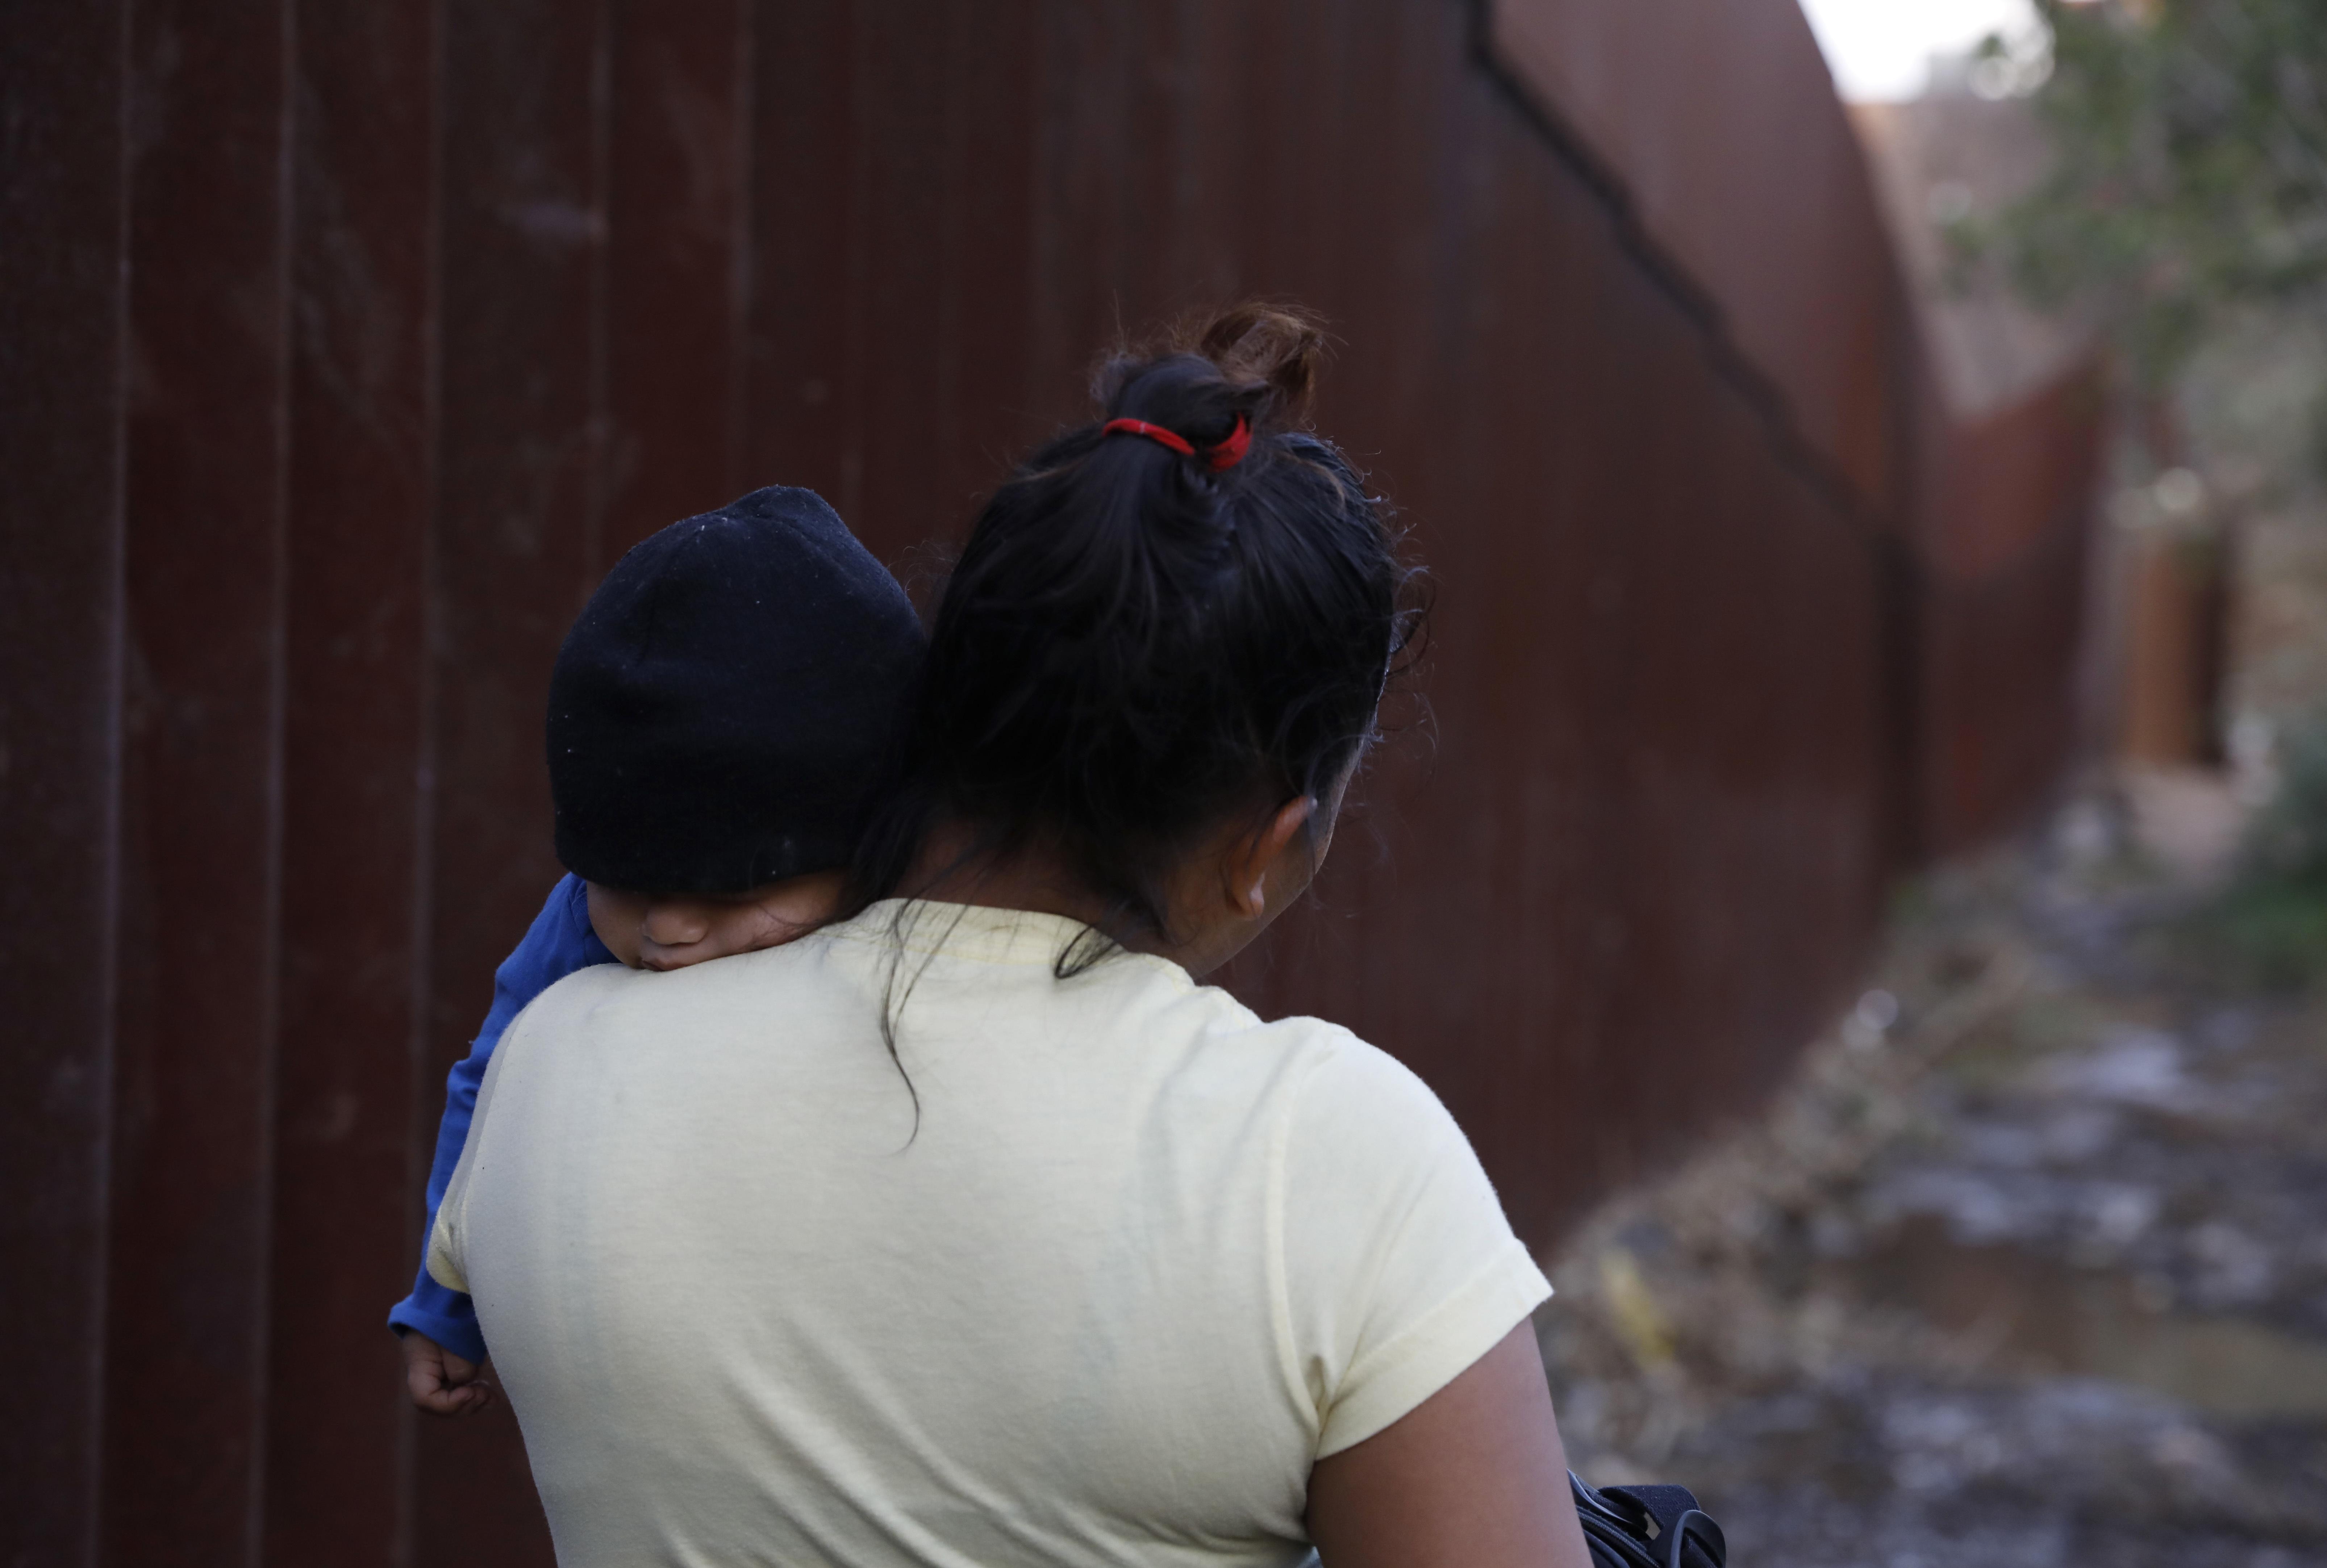 Yesenia Martínez, una migrante centroamericana de 24 años, carga a su hijo Daniel, de ocho meses, buscando un lugar para cruzar la frontera